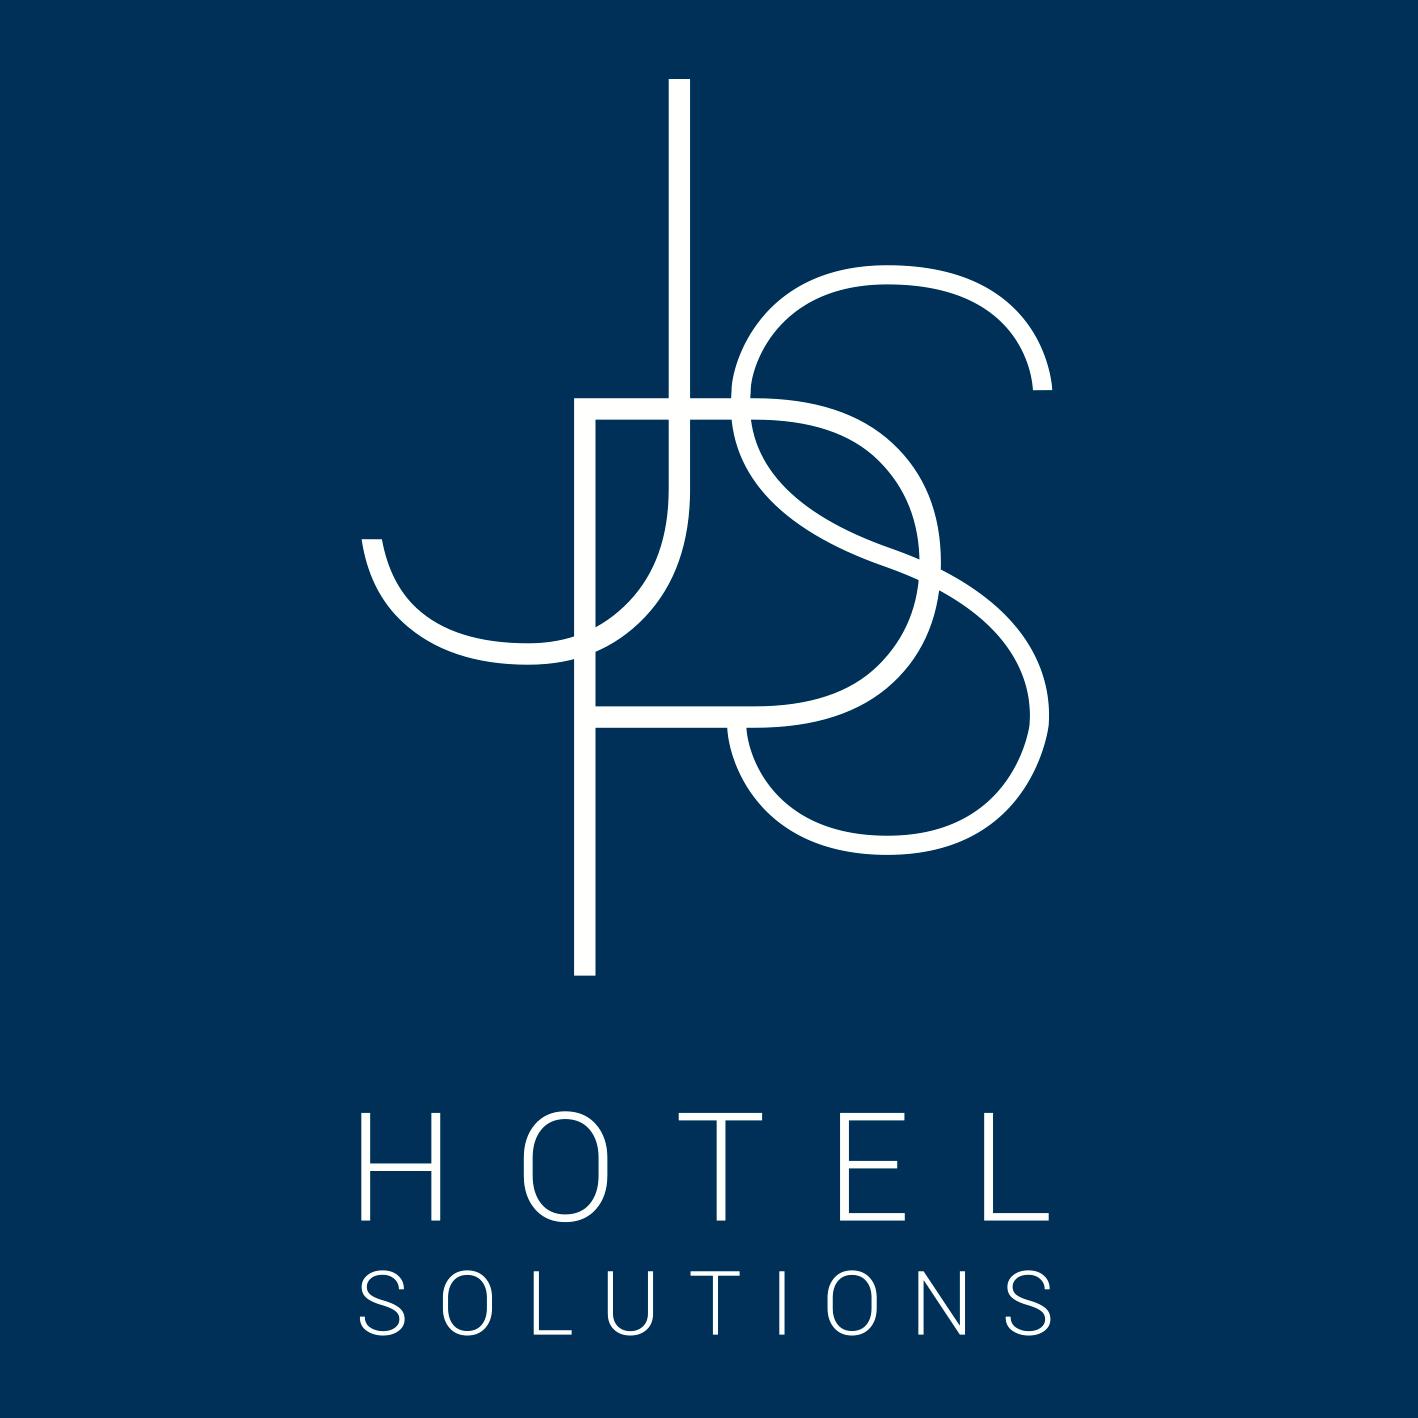 JPS Hôtel Solutions ✪New Exhibitor